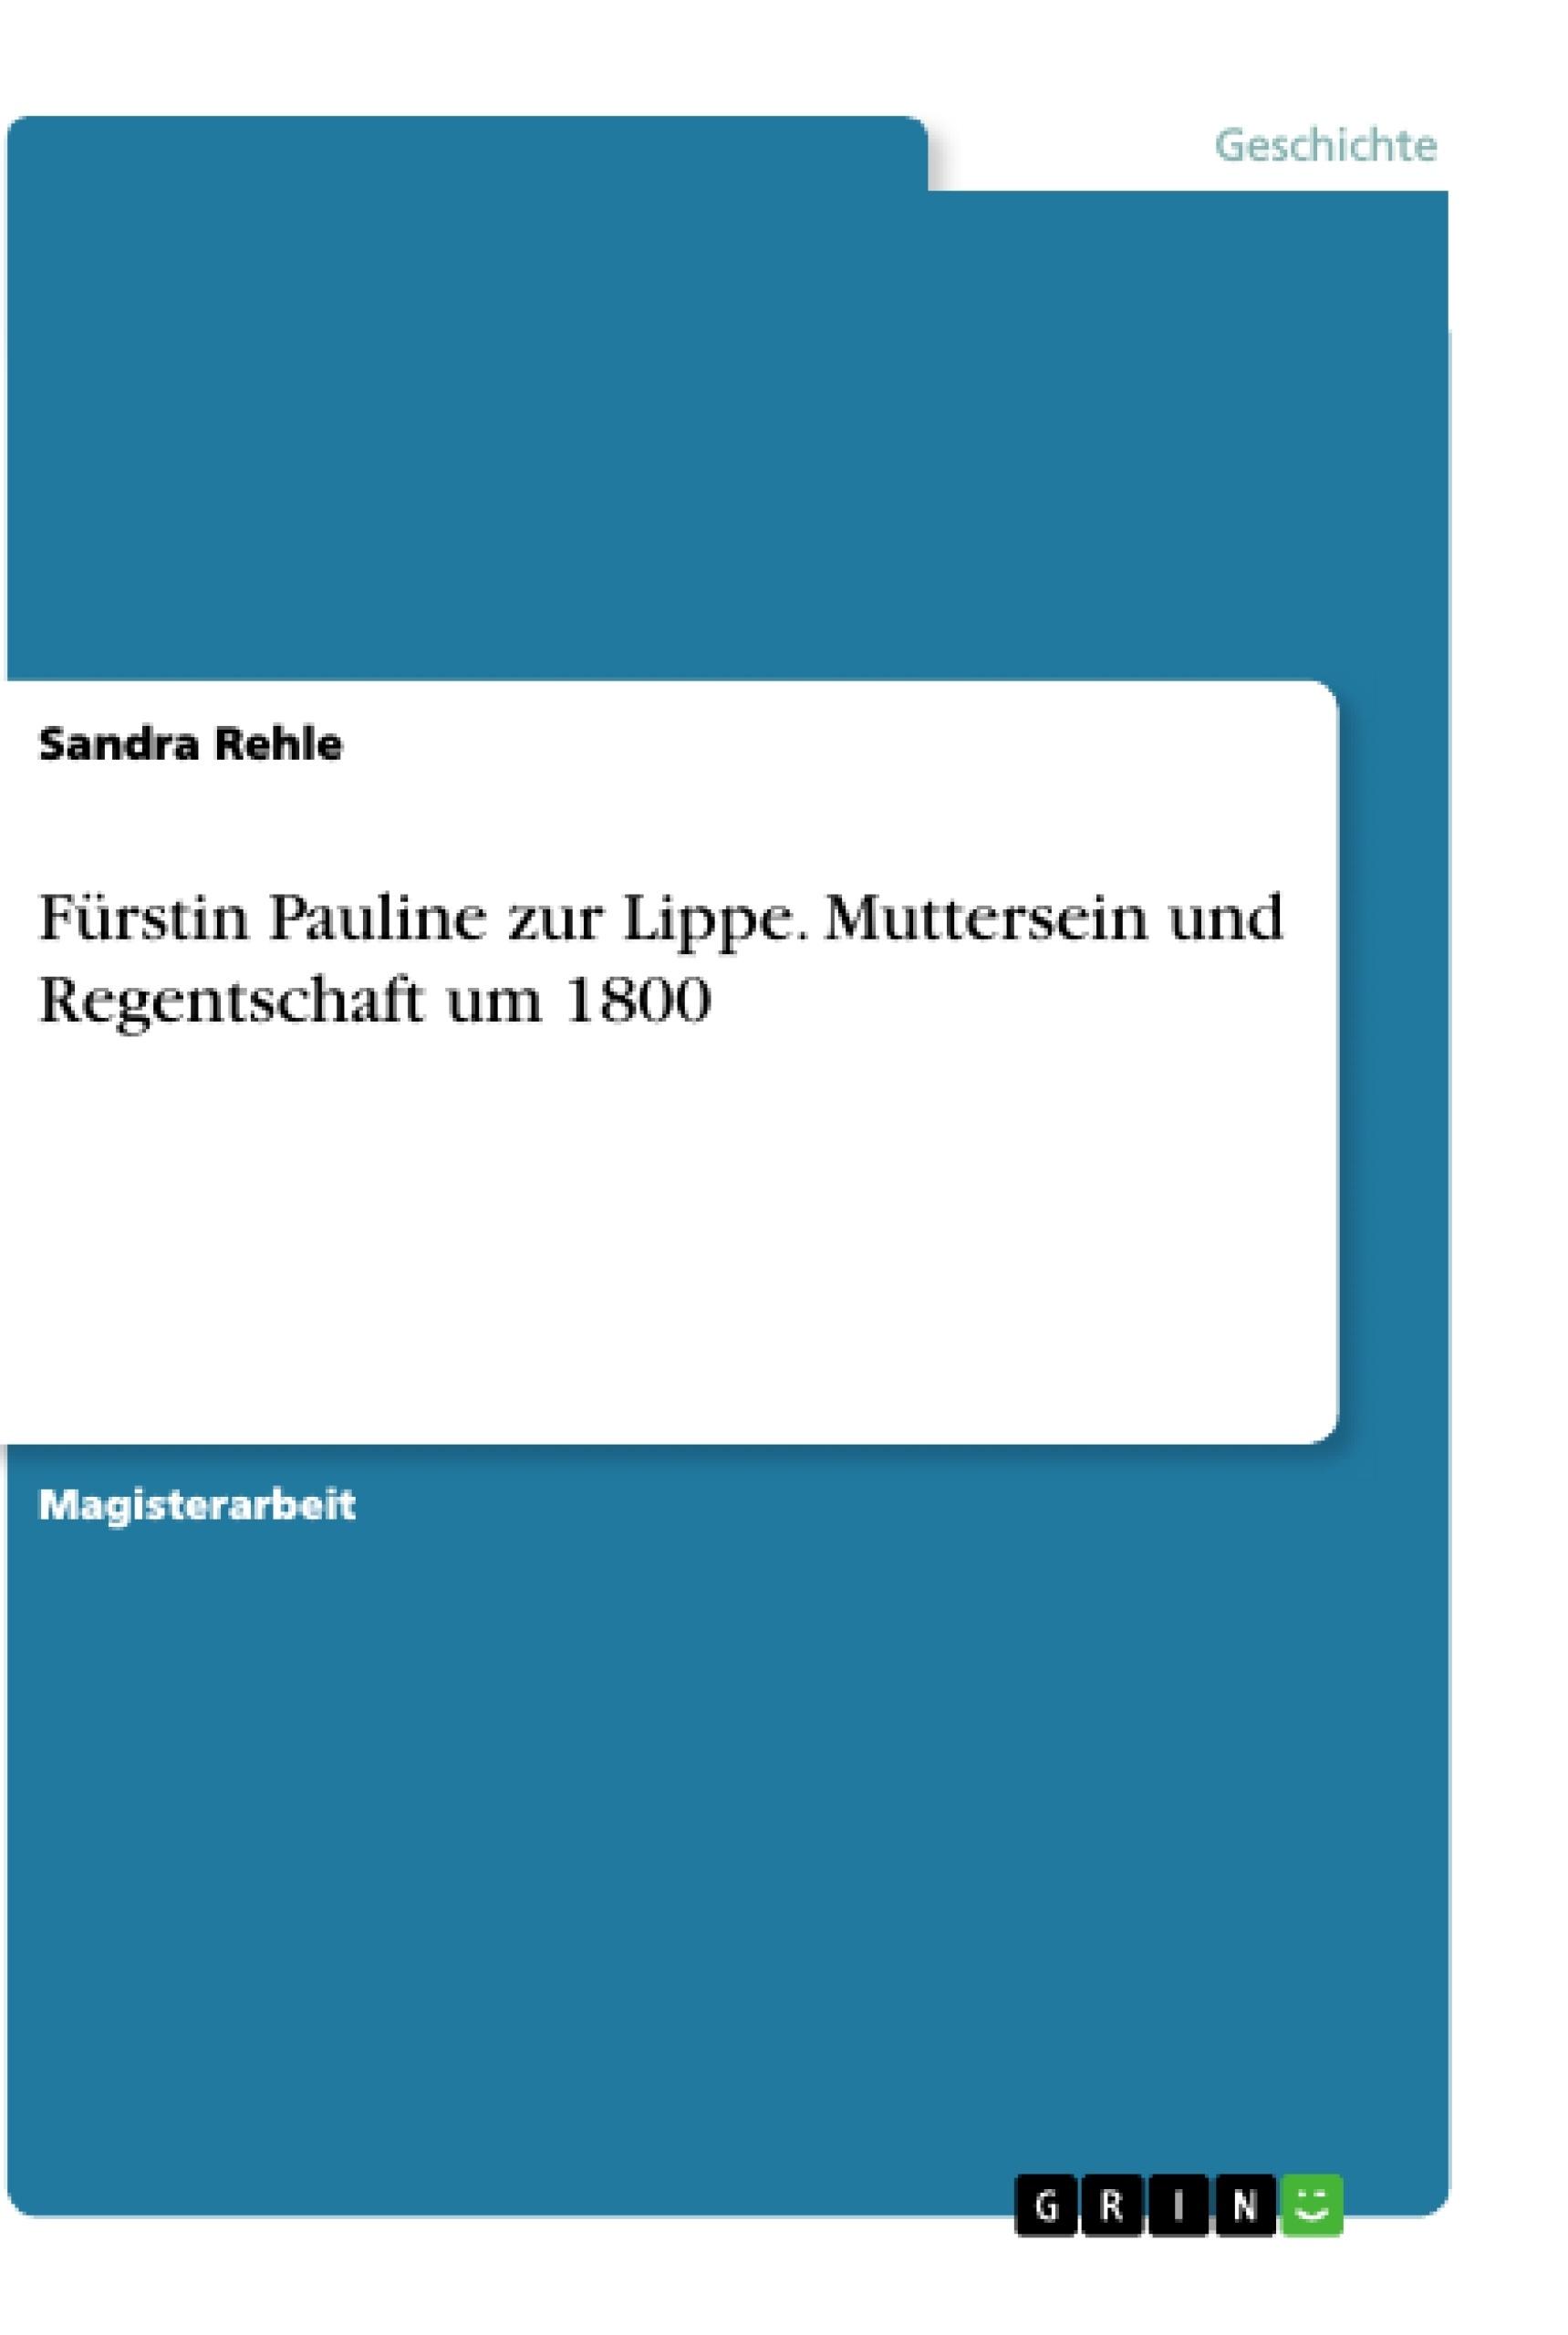 Titel: Fürstin Pauline zur Lippe. Muttersein und Regentschaft um 1800